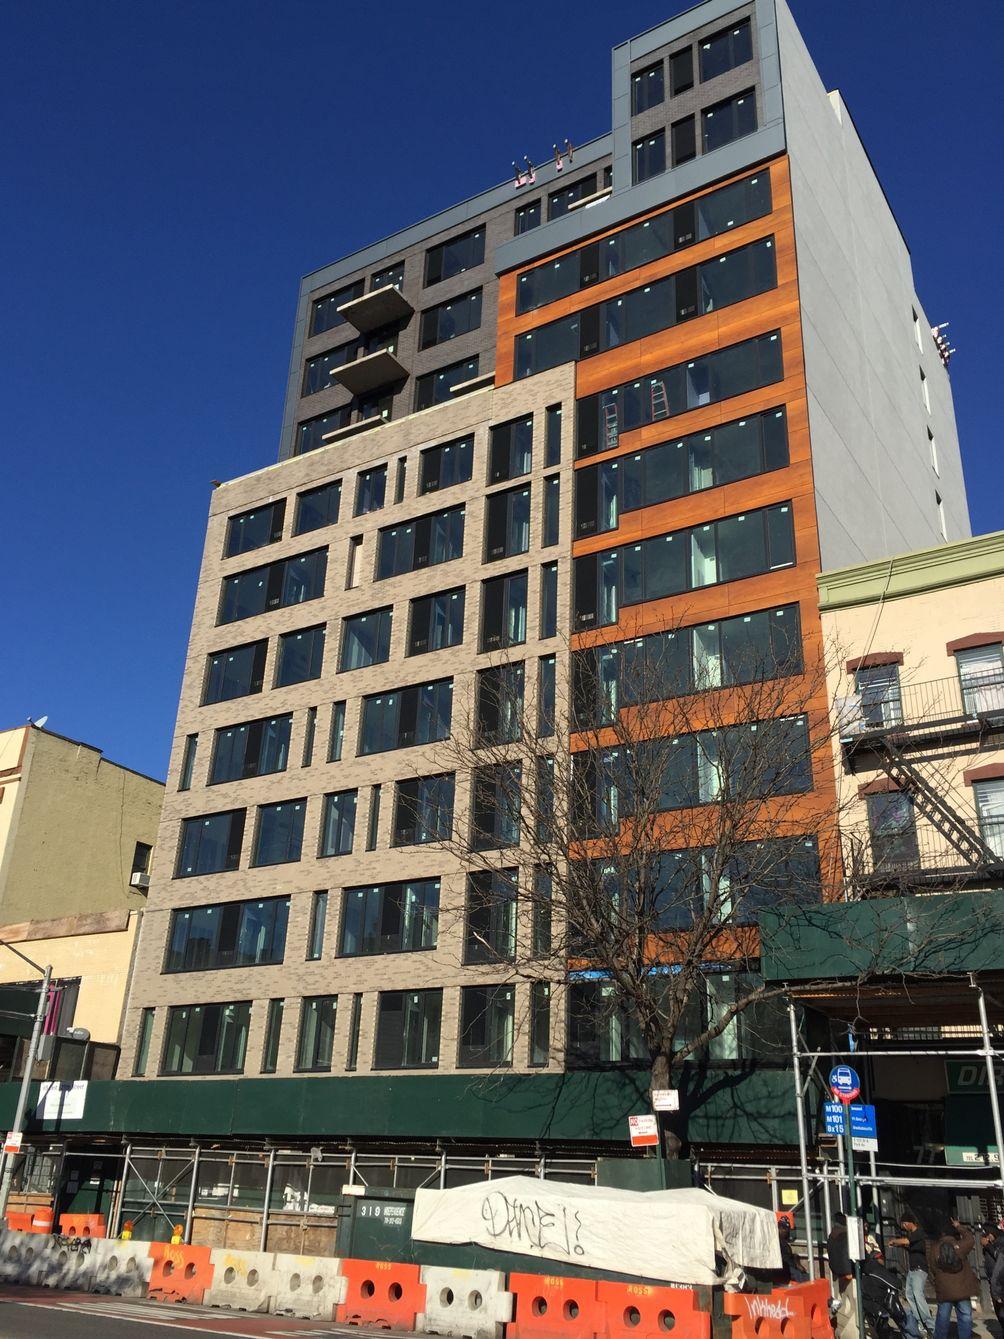 New Uptown Rental Harlem 125 Prepares For Spring 2017